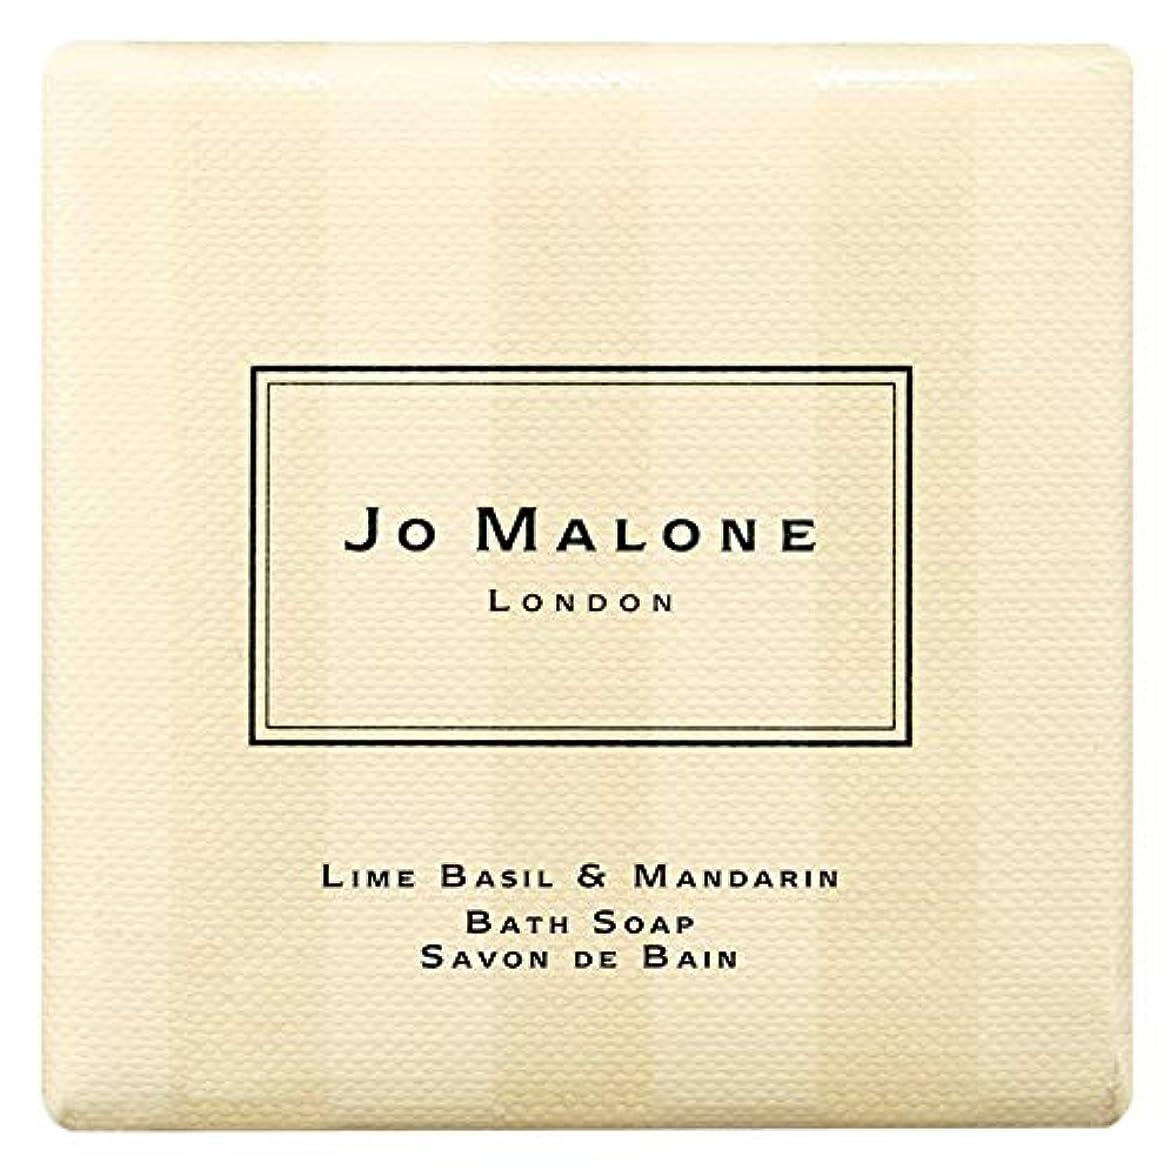 ヶ月目編集者ナース[Jo Malone] ジョーマローンロンドンライムバジル&マンダリンお風呂の石鹸100グラム - Jo Malone London Lime Basil & Mandarin Bath Soap 100g [並行輸入品]